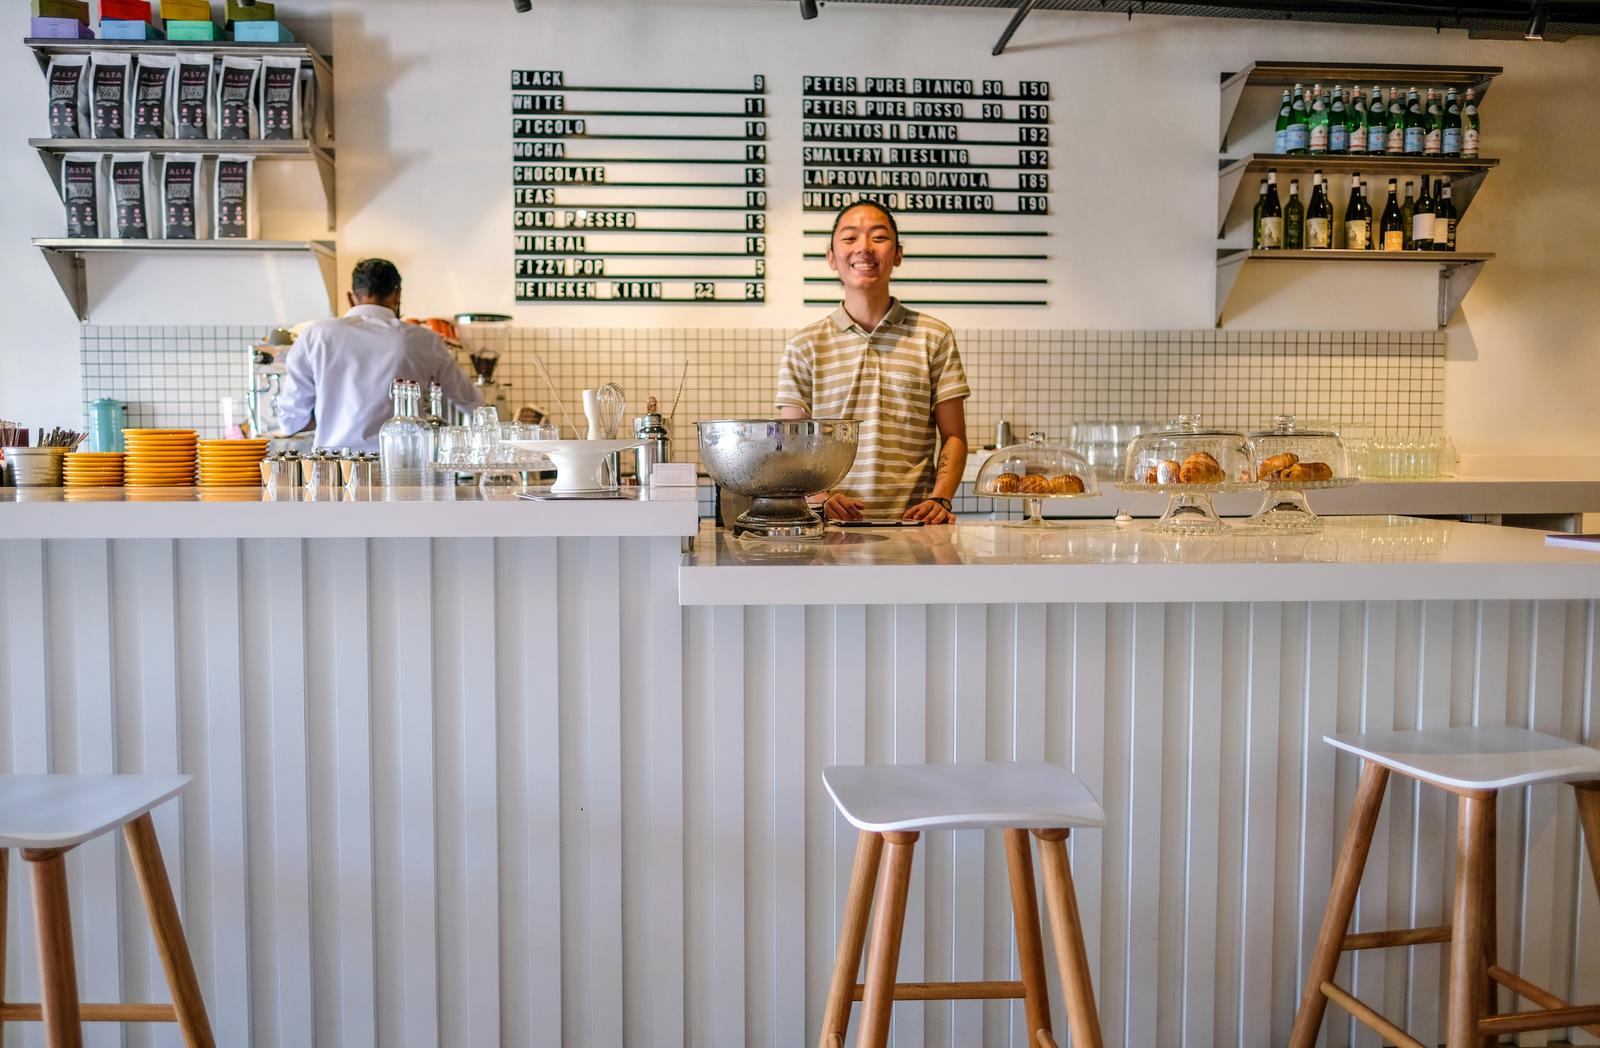 alta cafe @ bangkung, bangsar